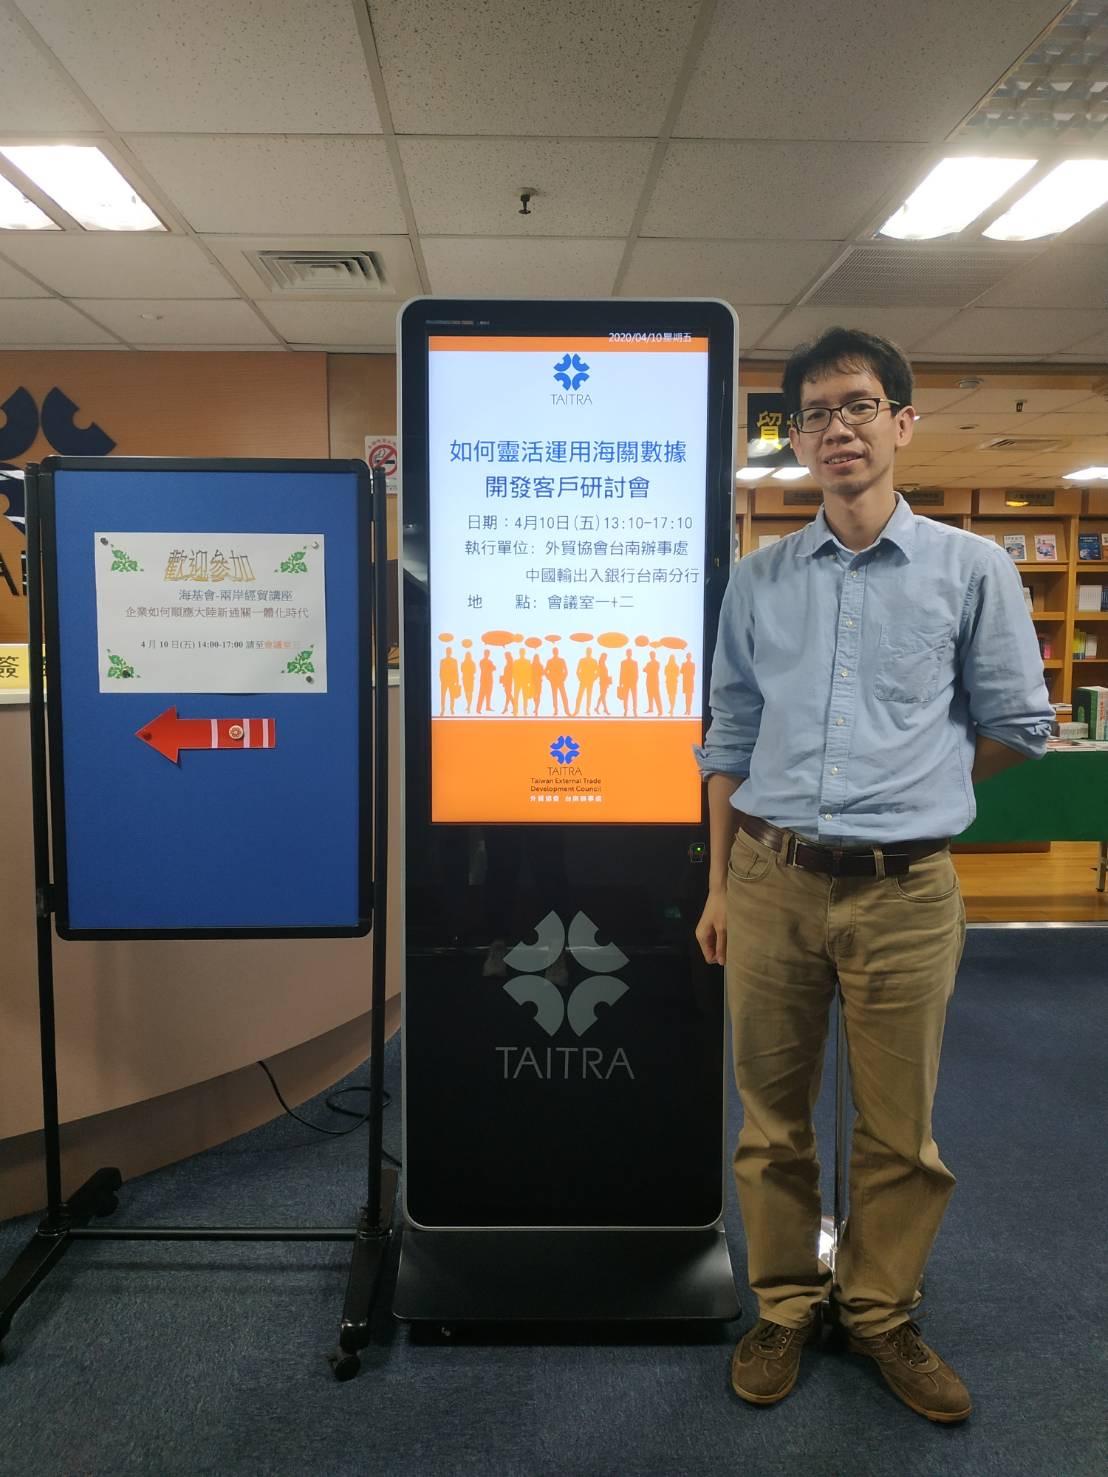 圖片說明-台南分行於109年04月10日與經濟部國貿局、貿協台南辦事處、台南市工商發展投資策進會等單位合辦「如何靈活運用海關數據-開發客戶」研討會